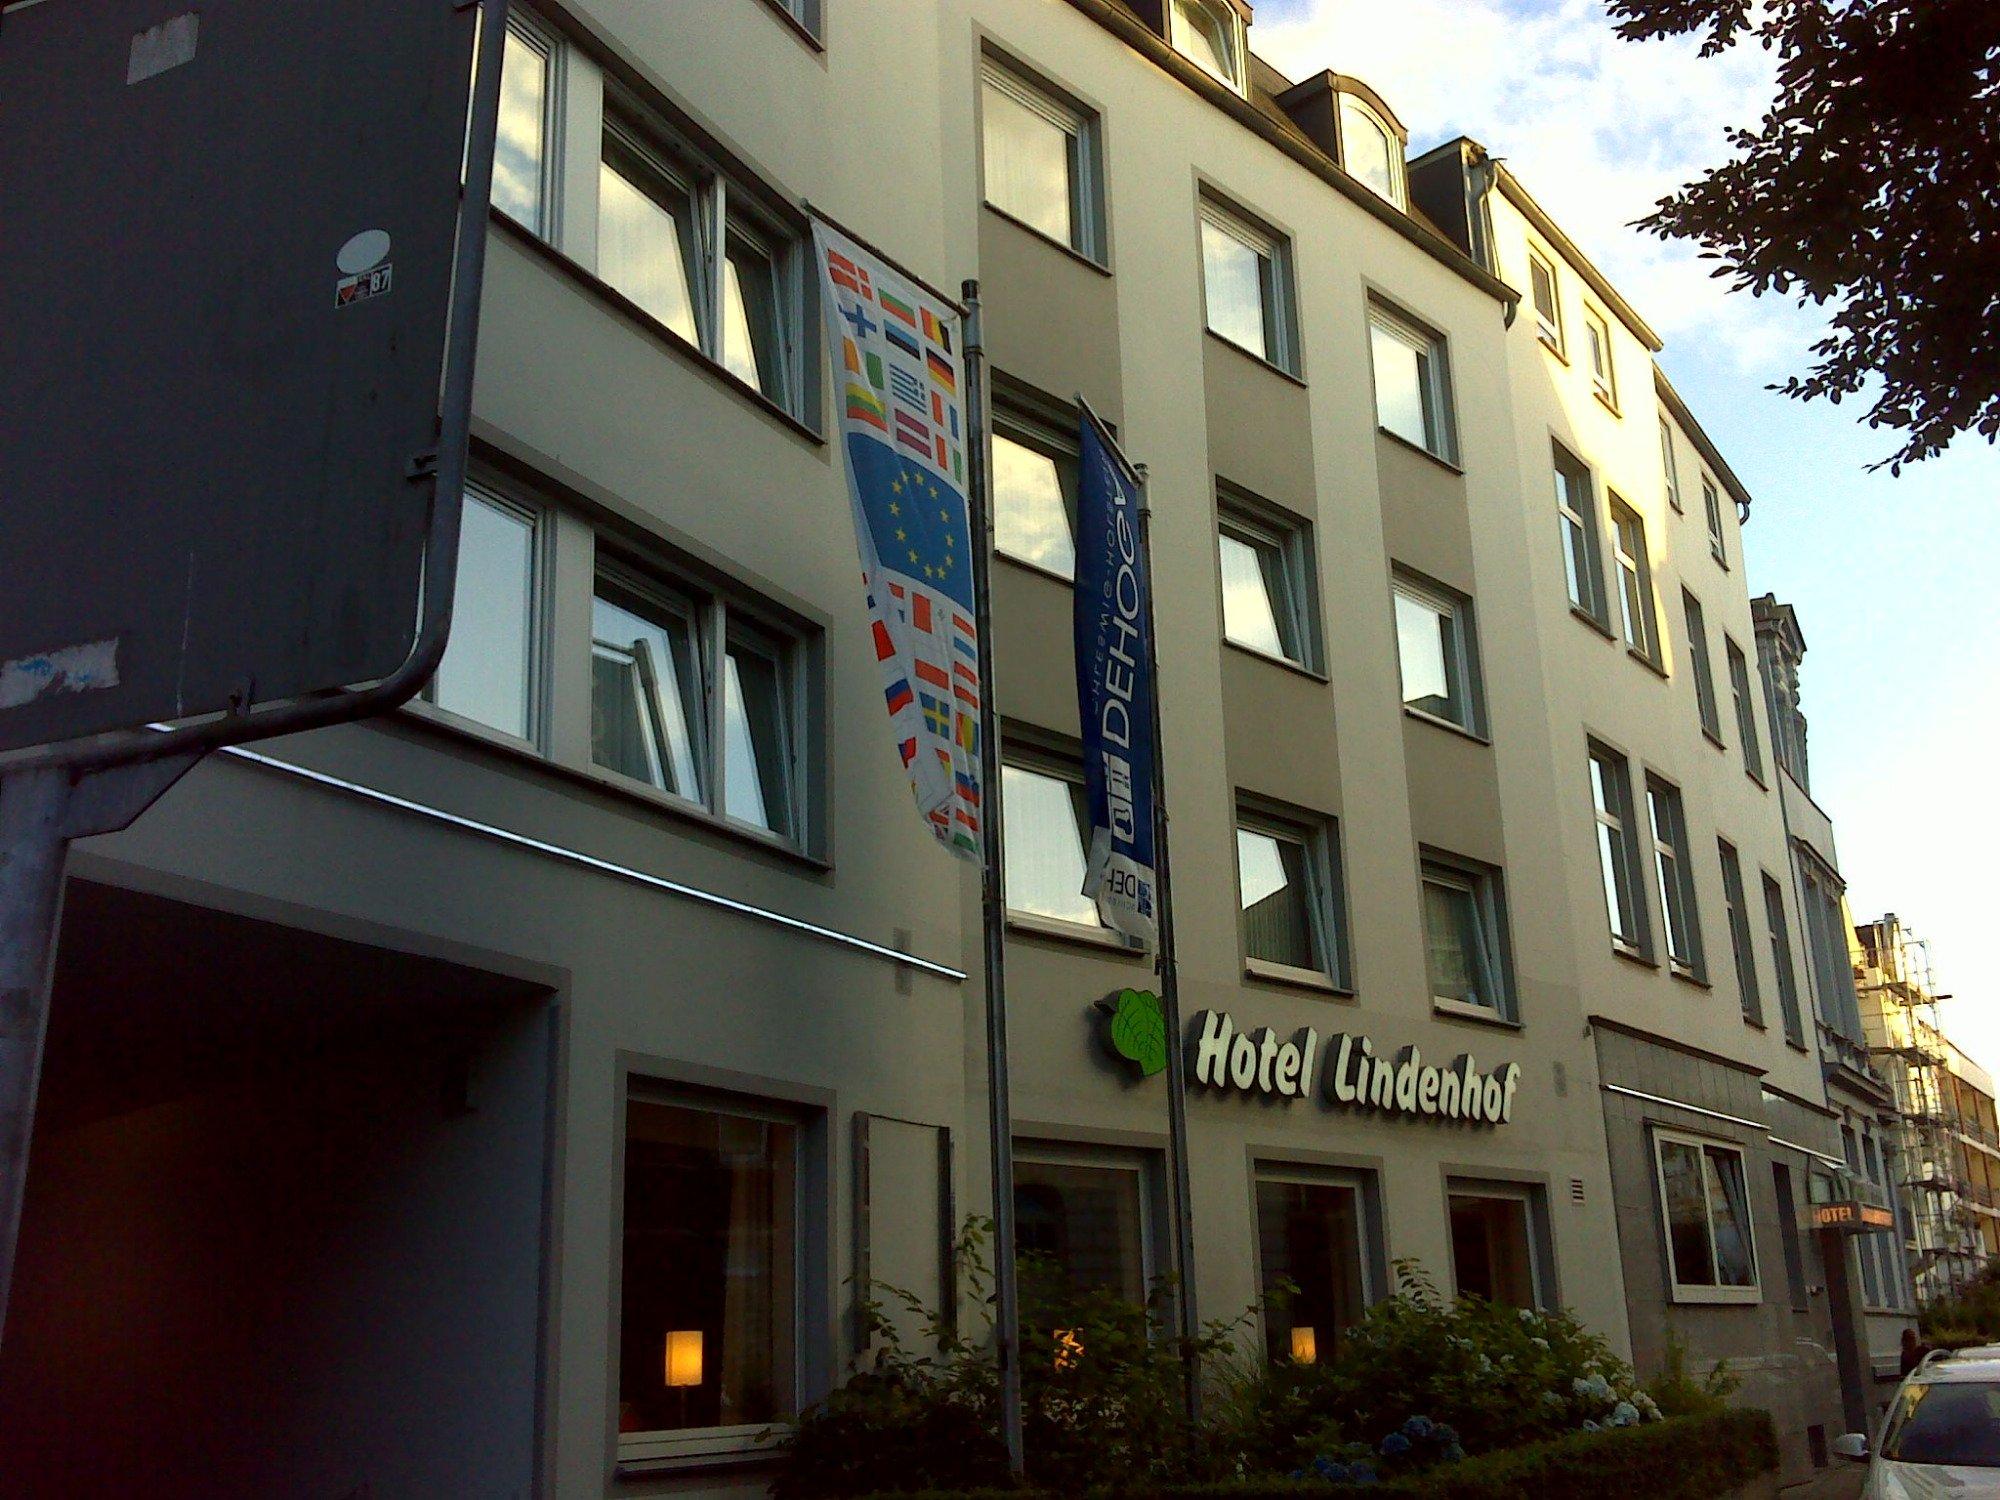 Hotel Lindenhof Luebeck